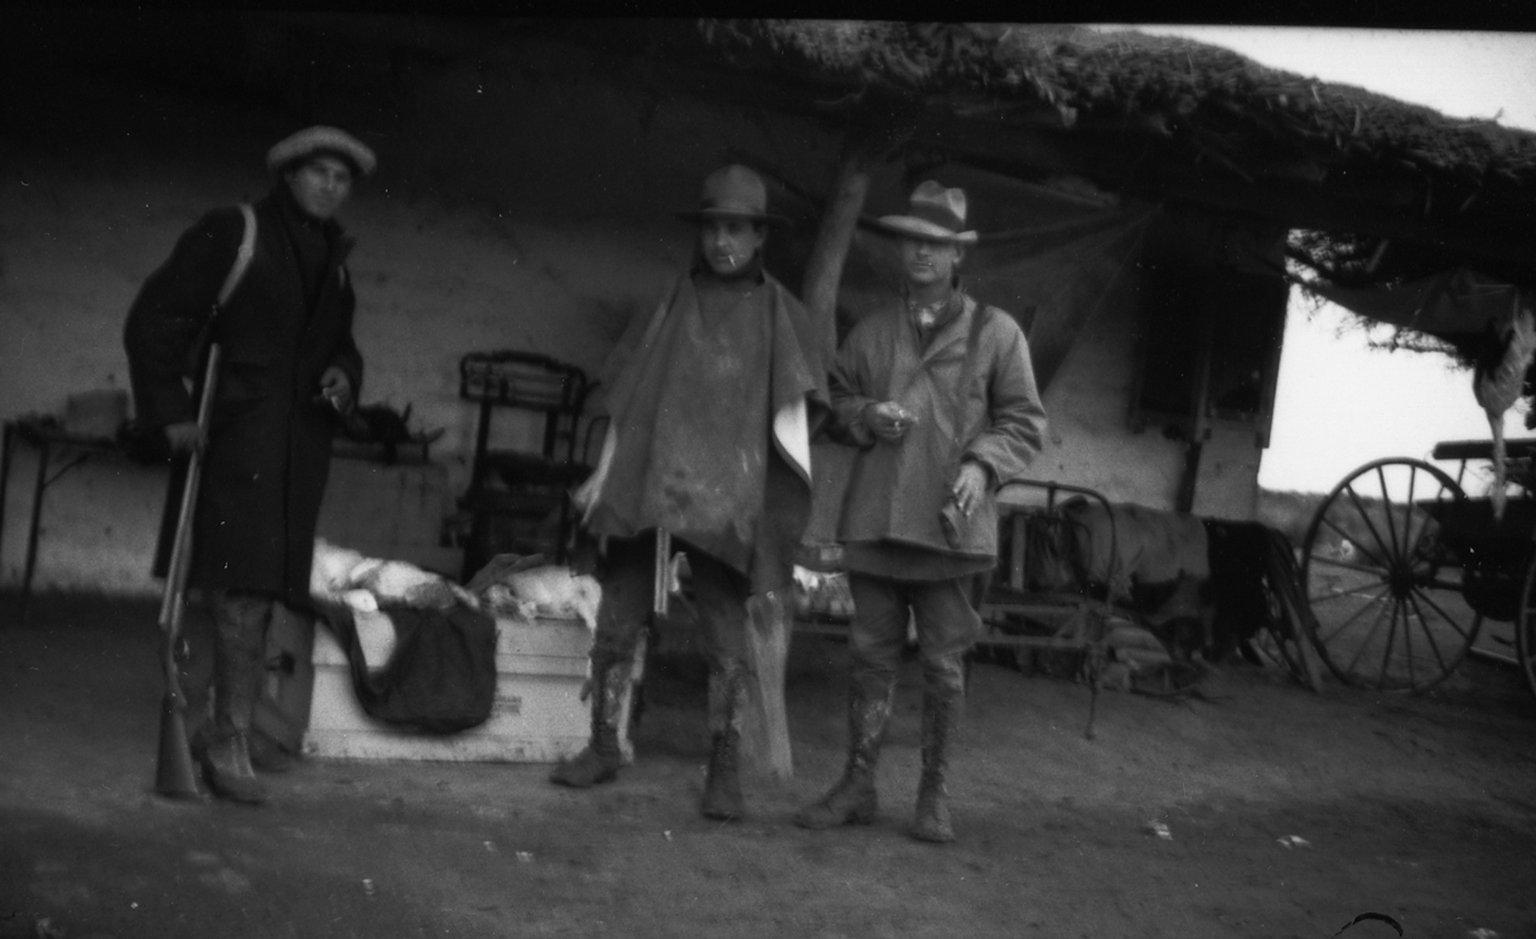 Frederick G. Brandenburg, Frederic Walter Miller, and Schneider